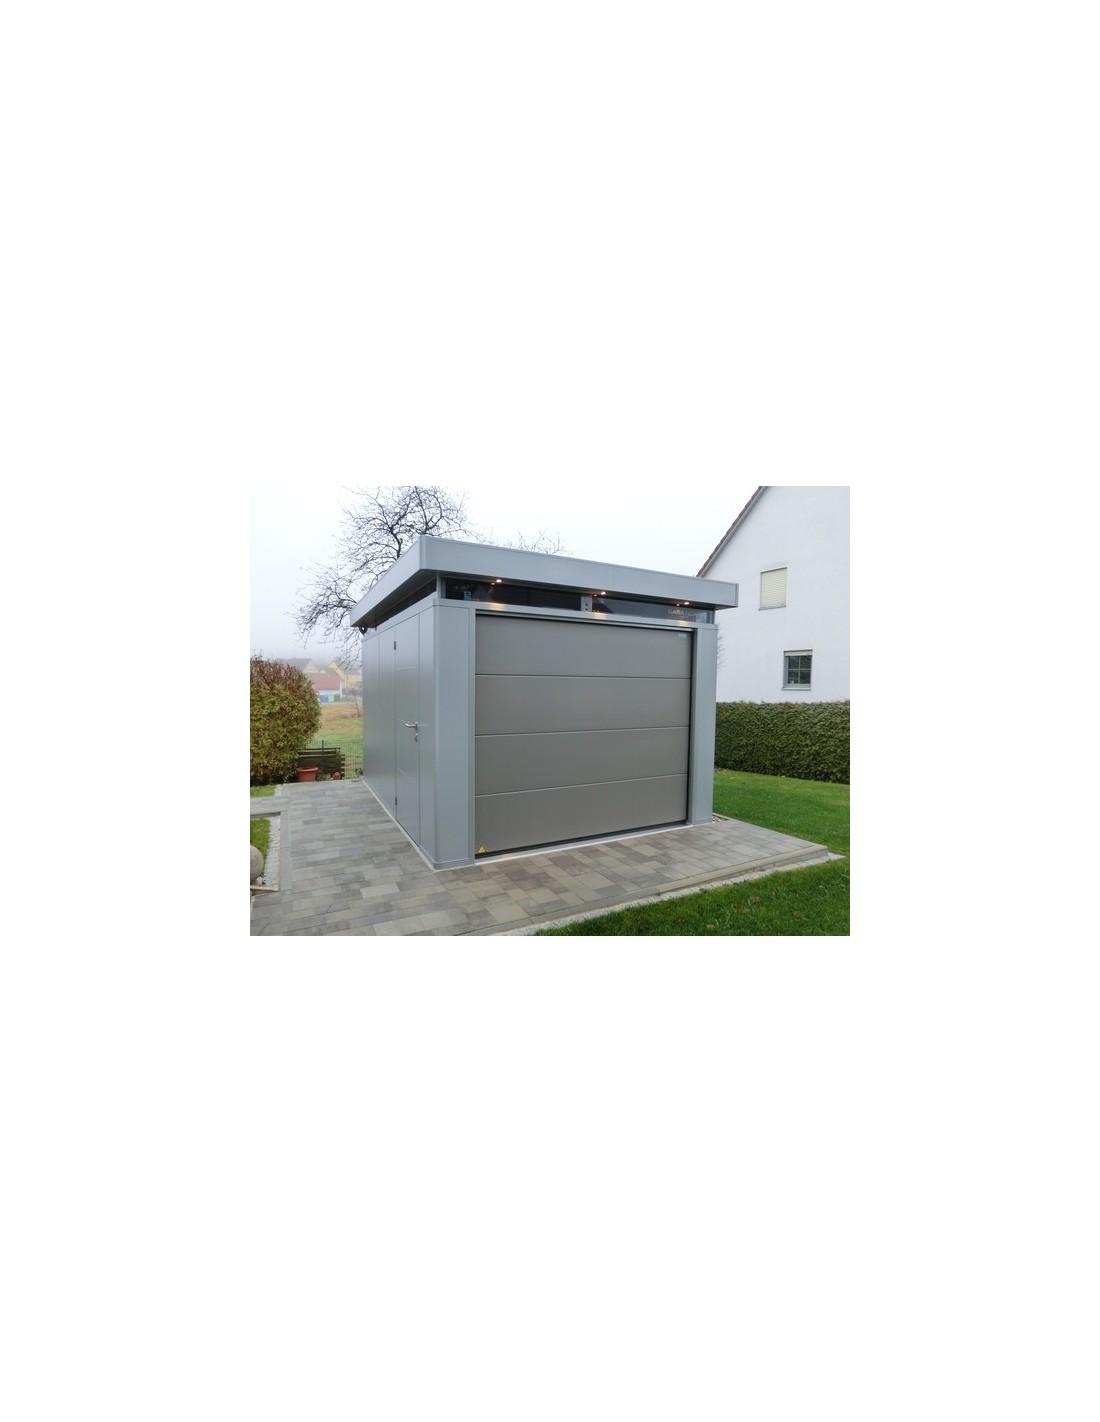 Porte sectionnelle pour abri de jardin ou garage casa nova for Porte pour abri de jardin en pvc